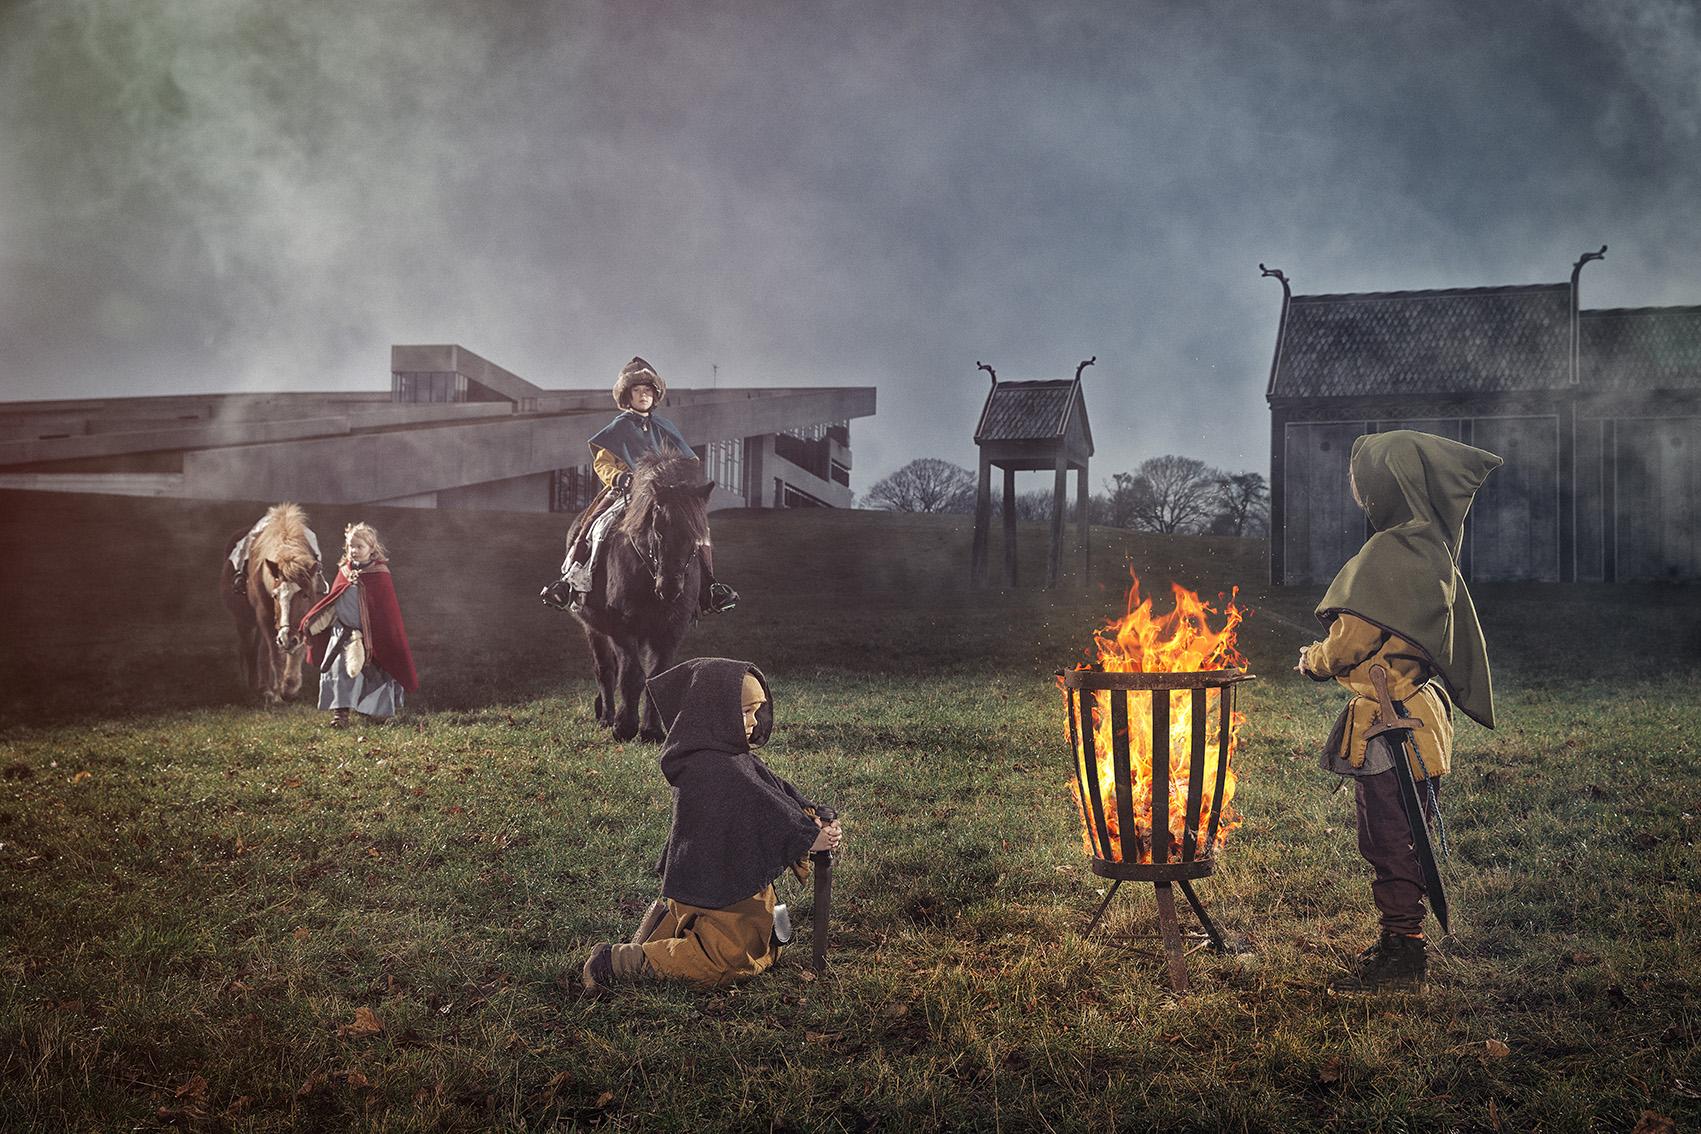 Billedresultat for moesgaard vikinge billeder